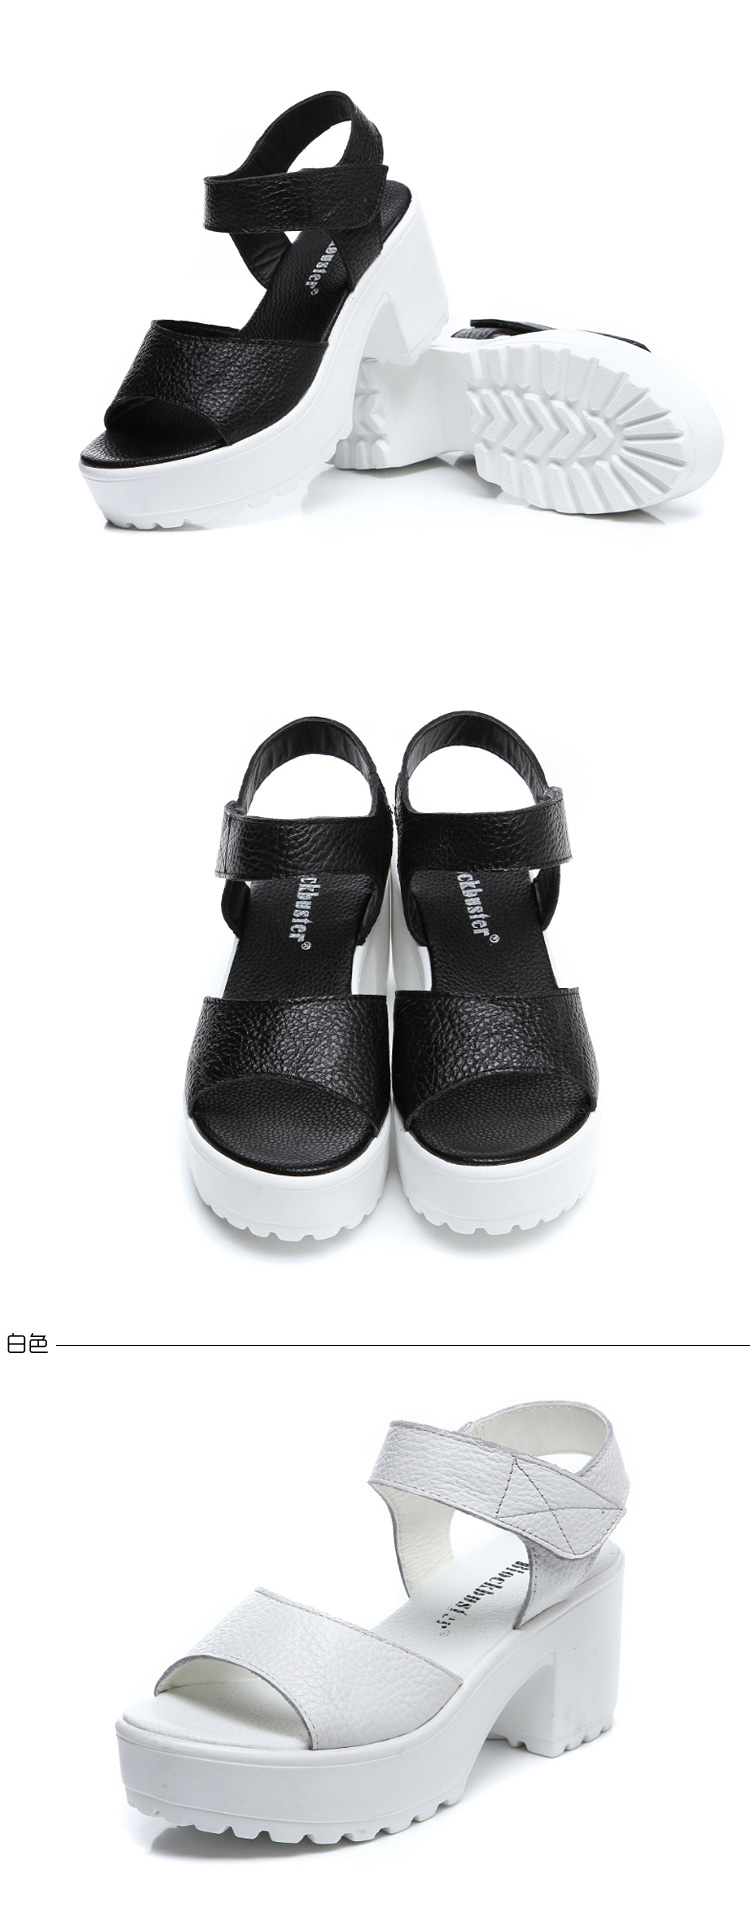 璐伊涵新款女凉鞋夏季厚底松糕鞋增高鞋鱼嘴鞋真皮粗